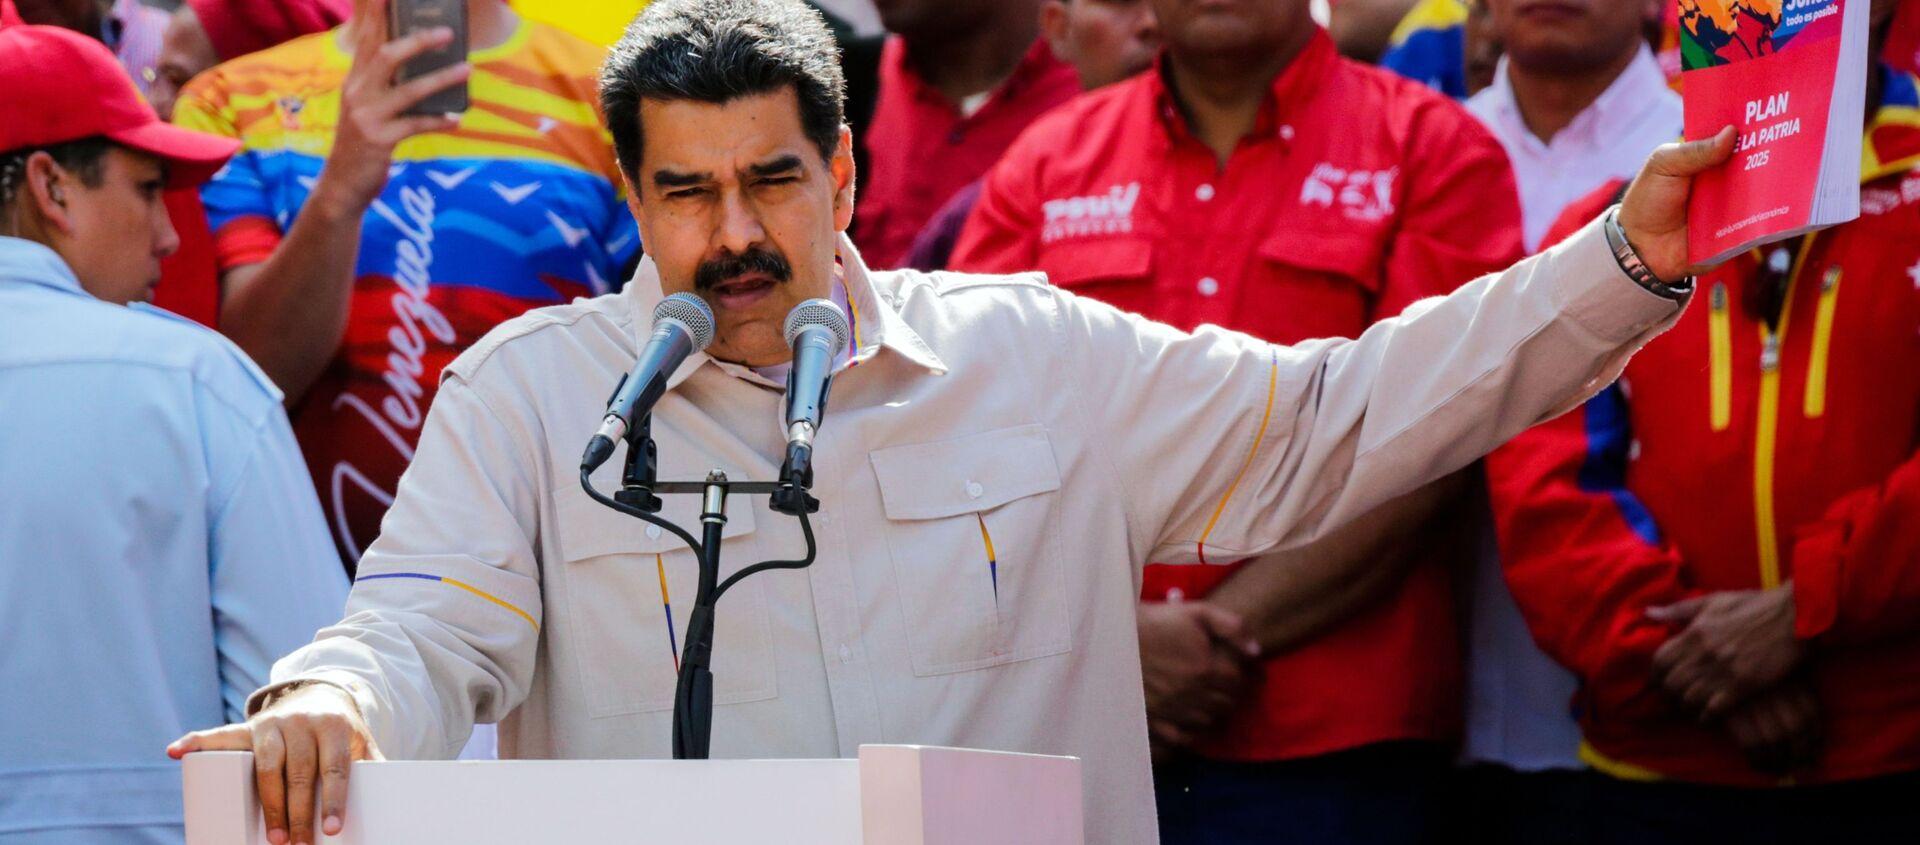 Nicolas Maduro all'azione di sostegno, Caracas, Venezuela - Sputnik Italia, 1920, 19.02.2021